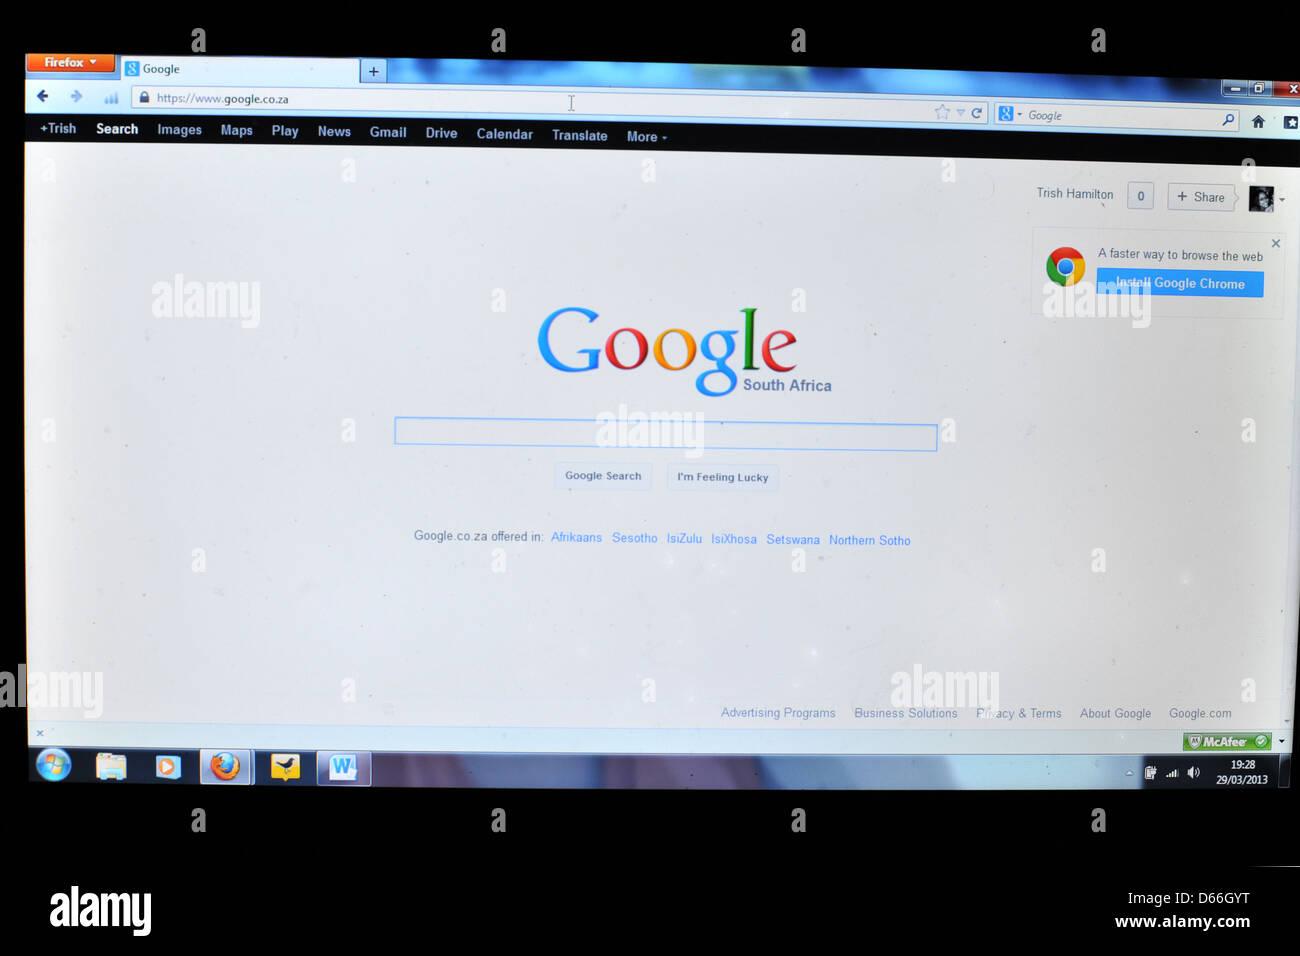 Imagen de la pantalla de una computadora que muestra la página de inicio de Google de Sudáfrica. Imagen De Stock